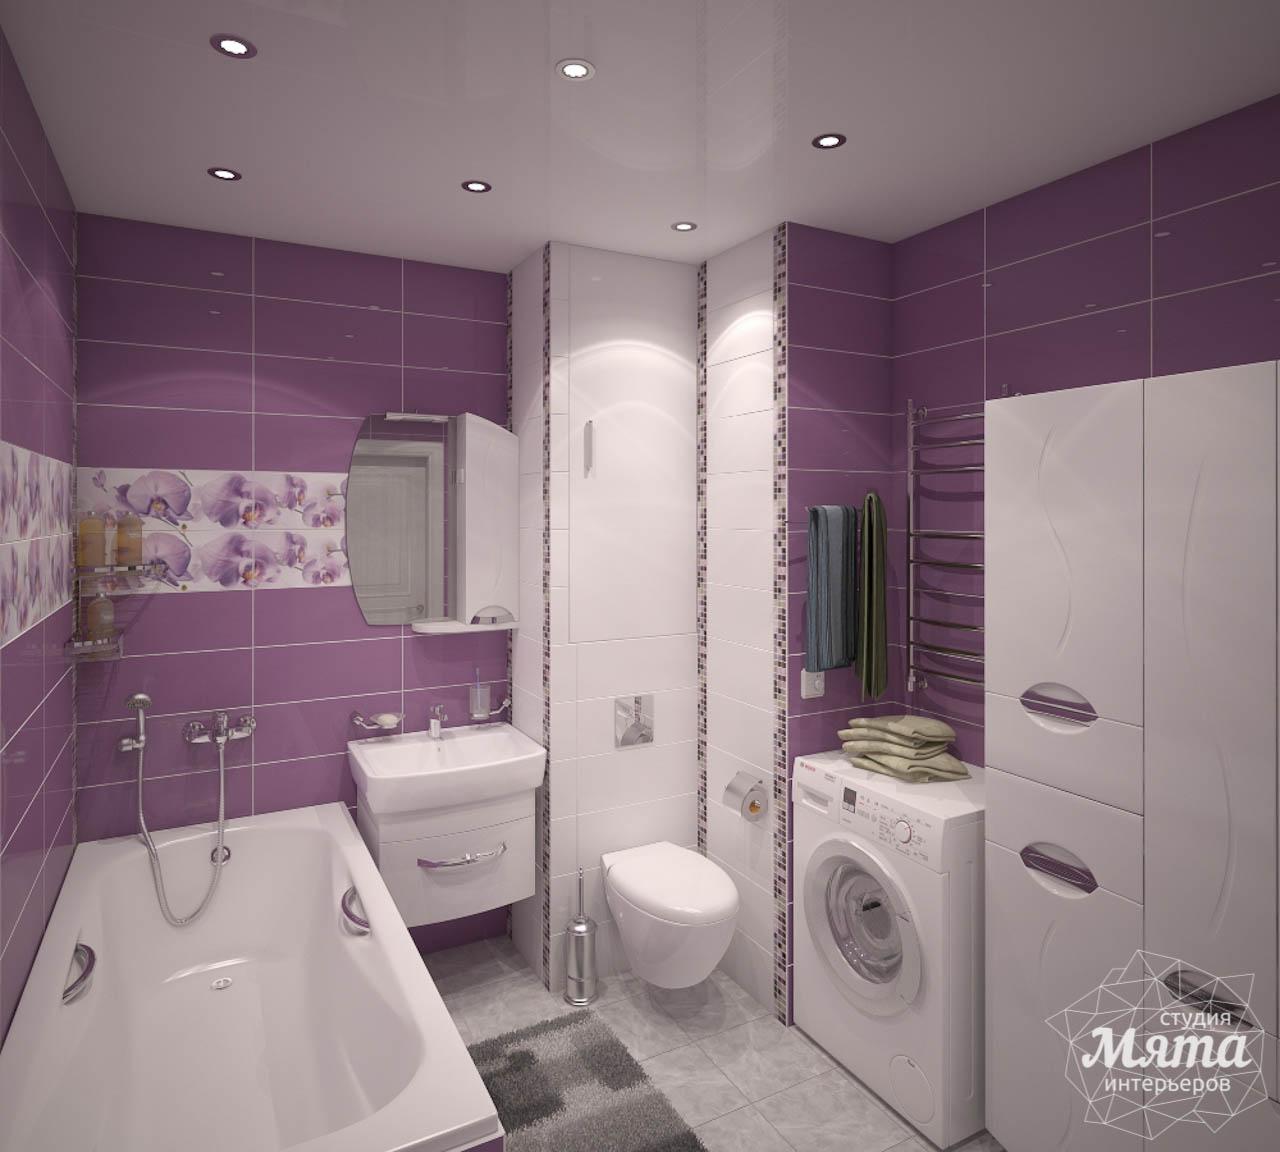 Дизайн интерьера  и ремонт трехкомнатной квартиры по ул. Машинная 44 img555407821